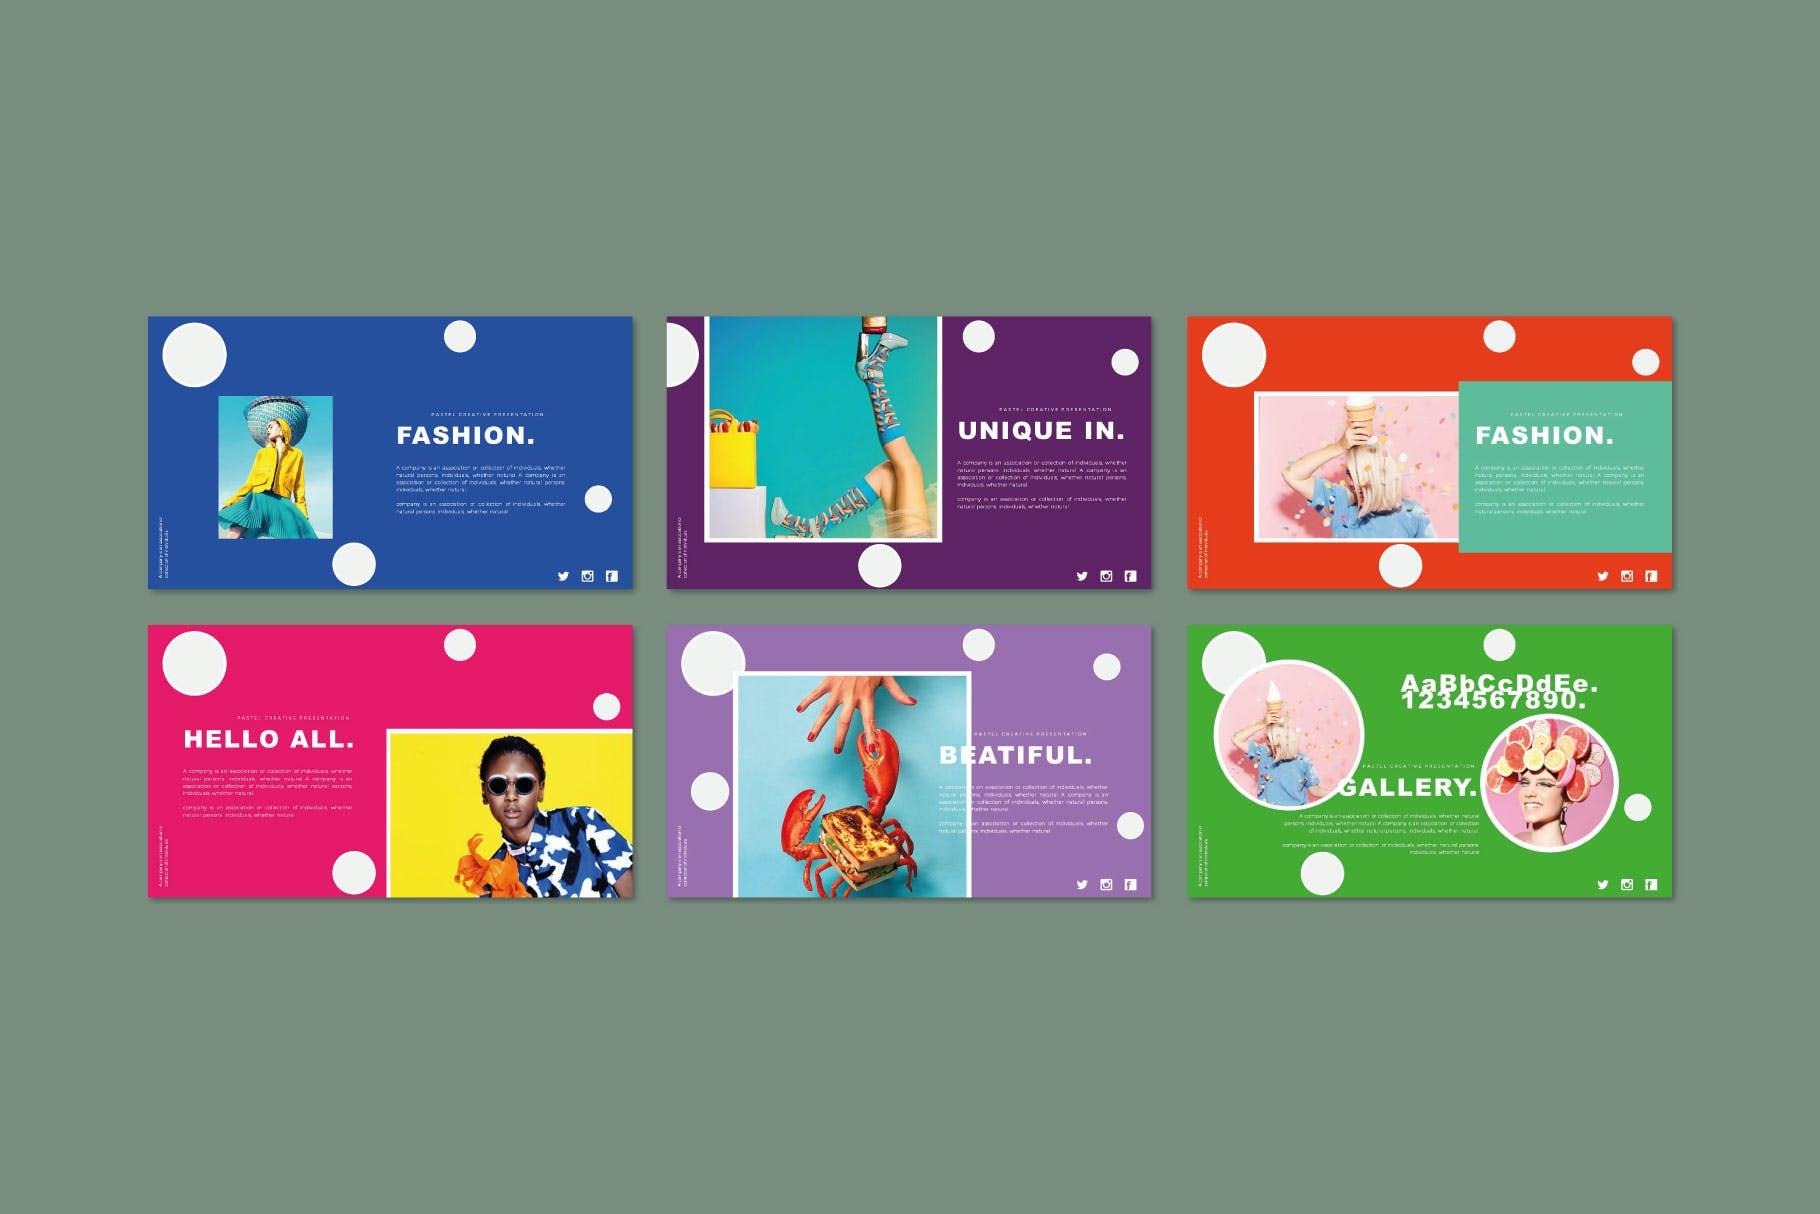 时尚极简产品营销演示文稿设计模板素材 Misya – Powerpoint Template插图5